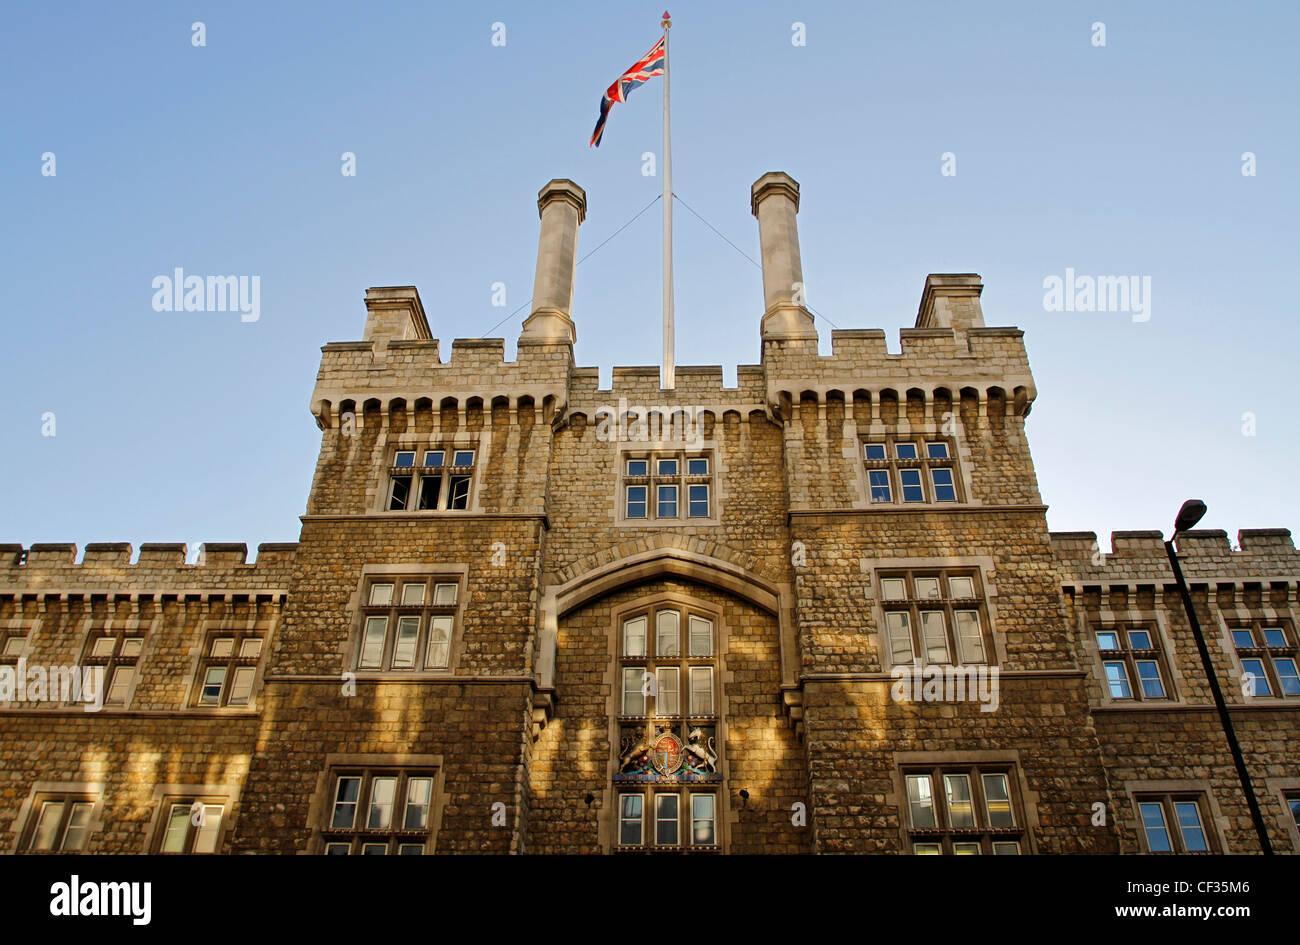 Armoury House, accueil à l'Honorable Artillery Company (HAC). Le bâtiment a été achevé Photo Stock